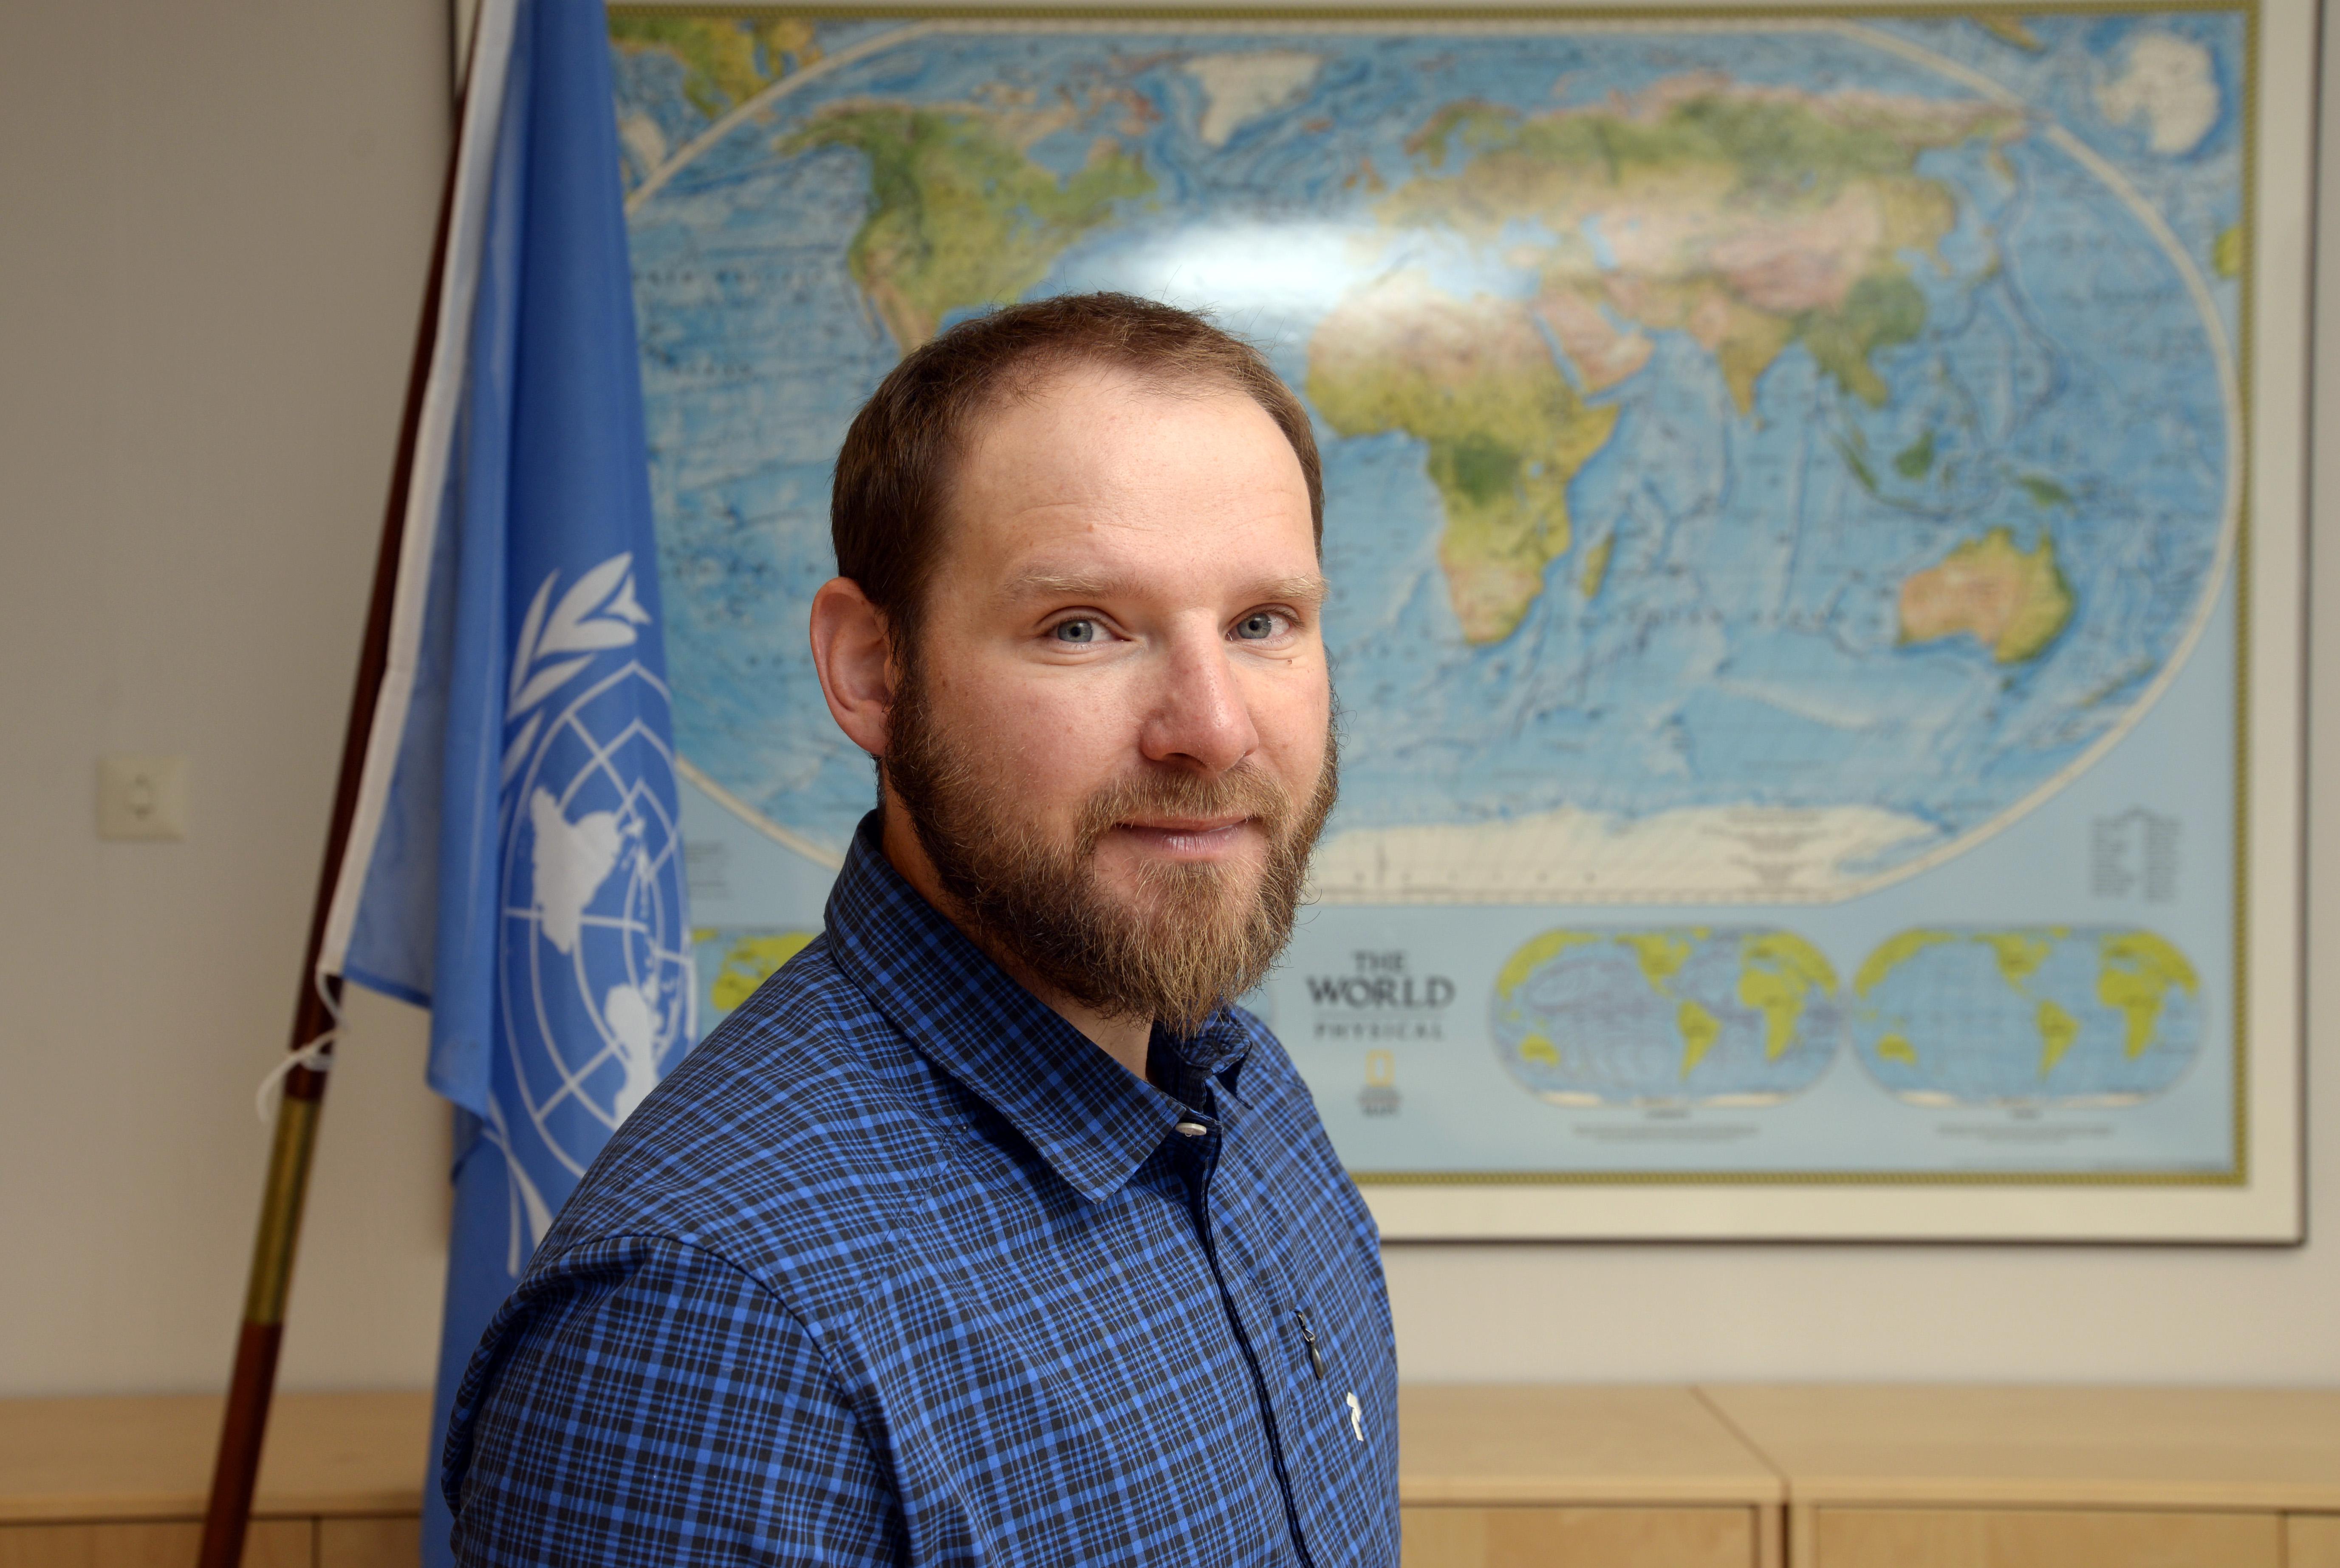 Tim Dassler foran FN-flagget og verdenskartet